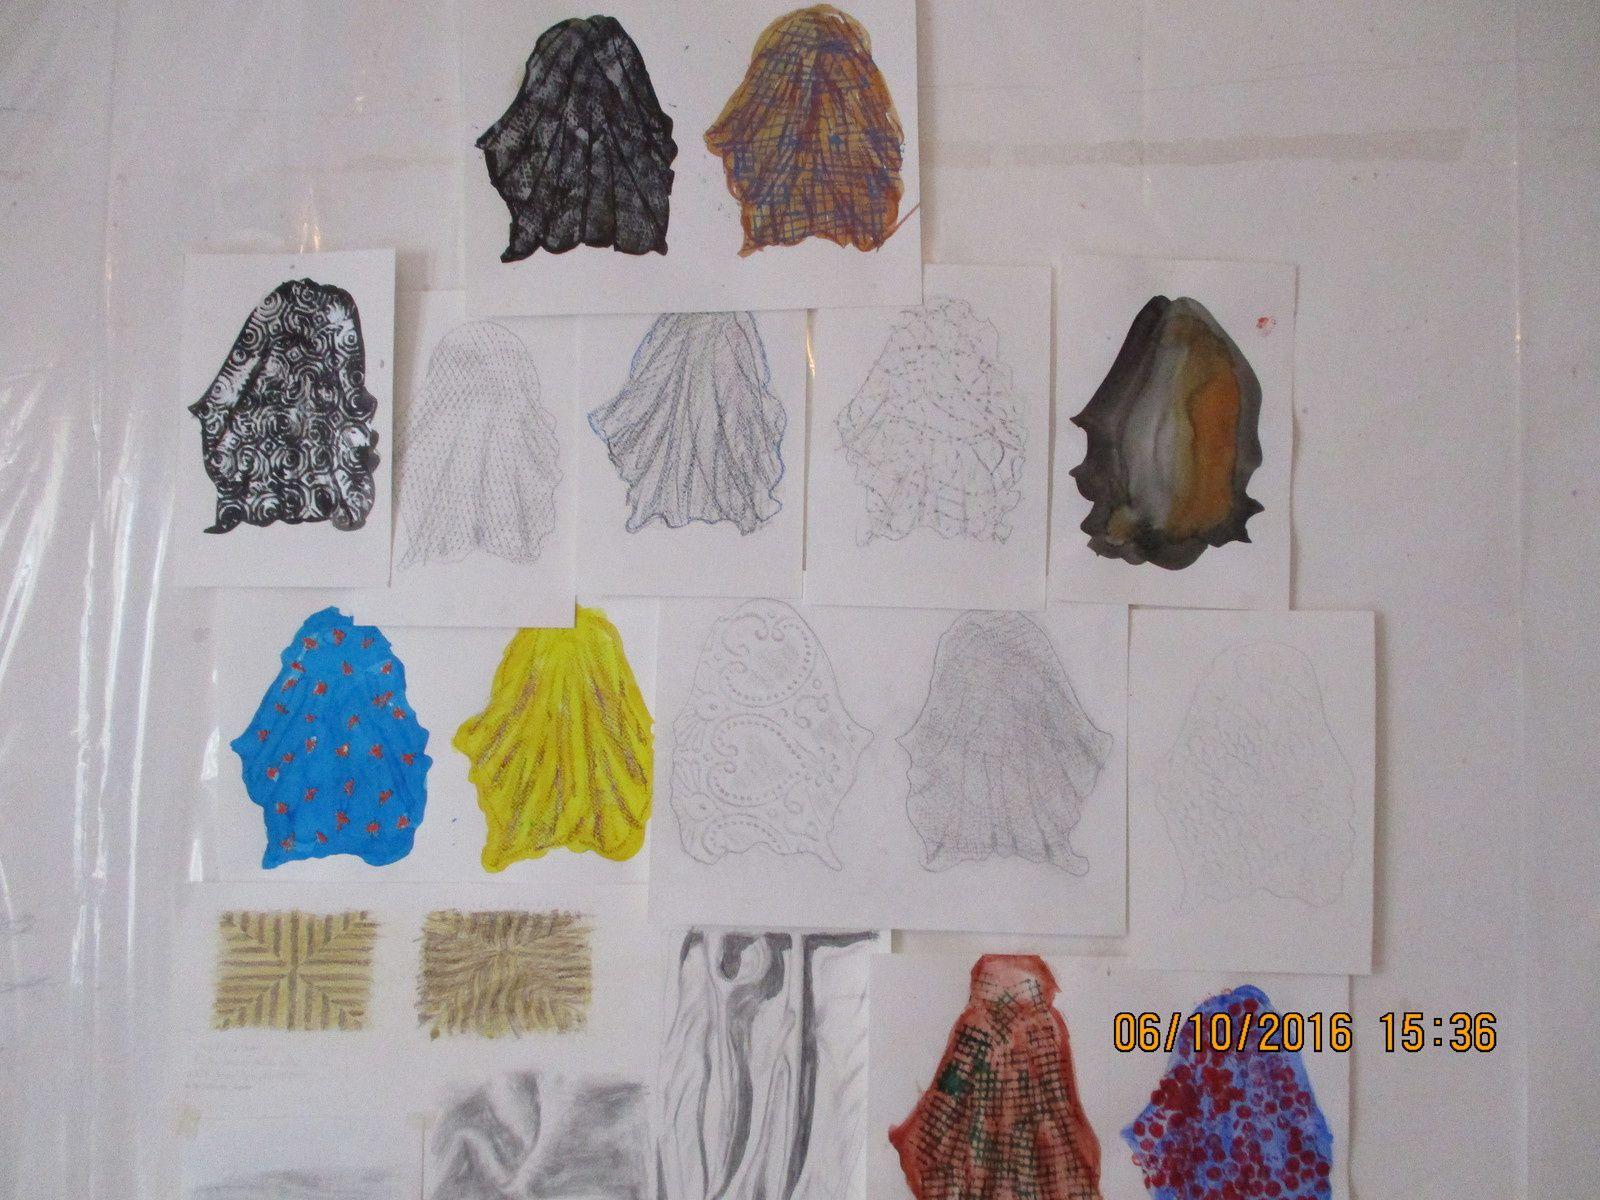 technique mixte : craie, encre, acrylique, tissus, papier, brosse, mousse